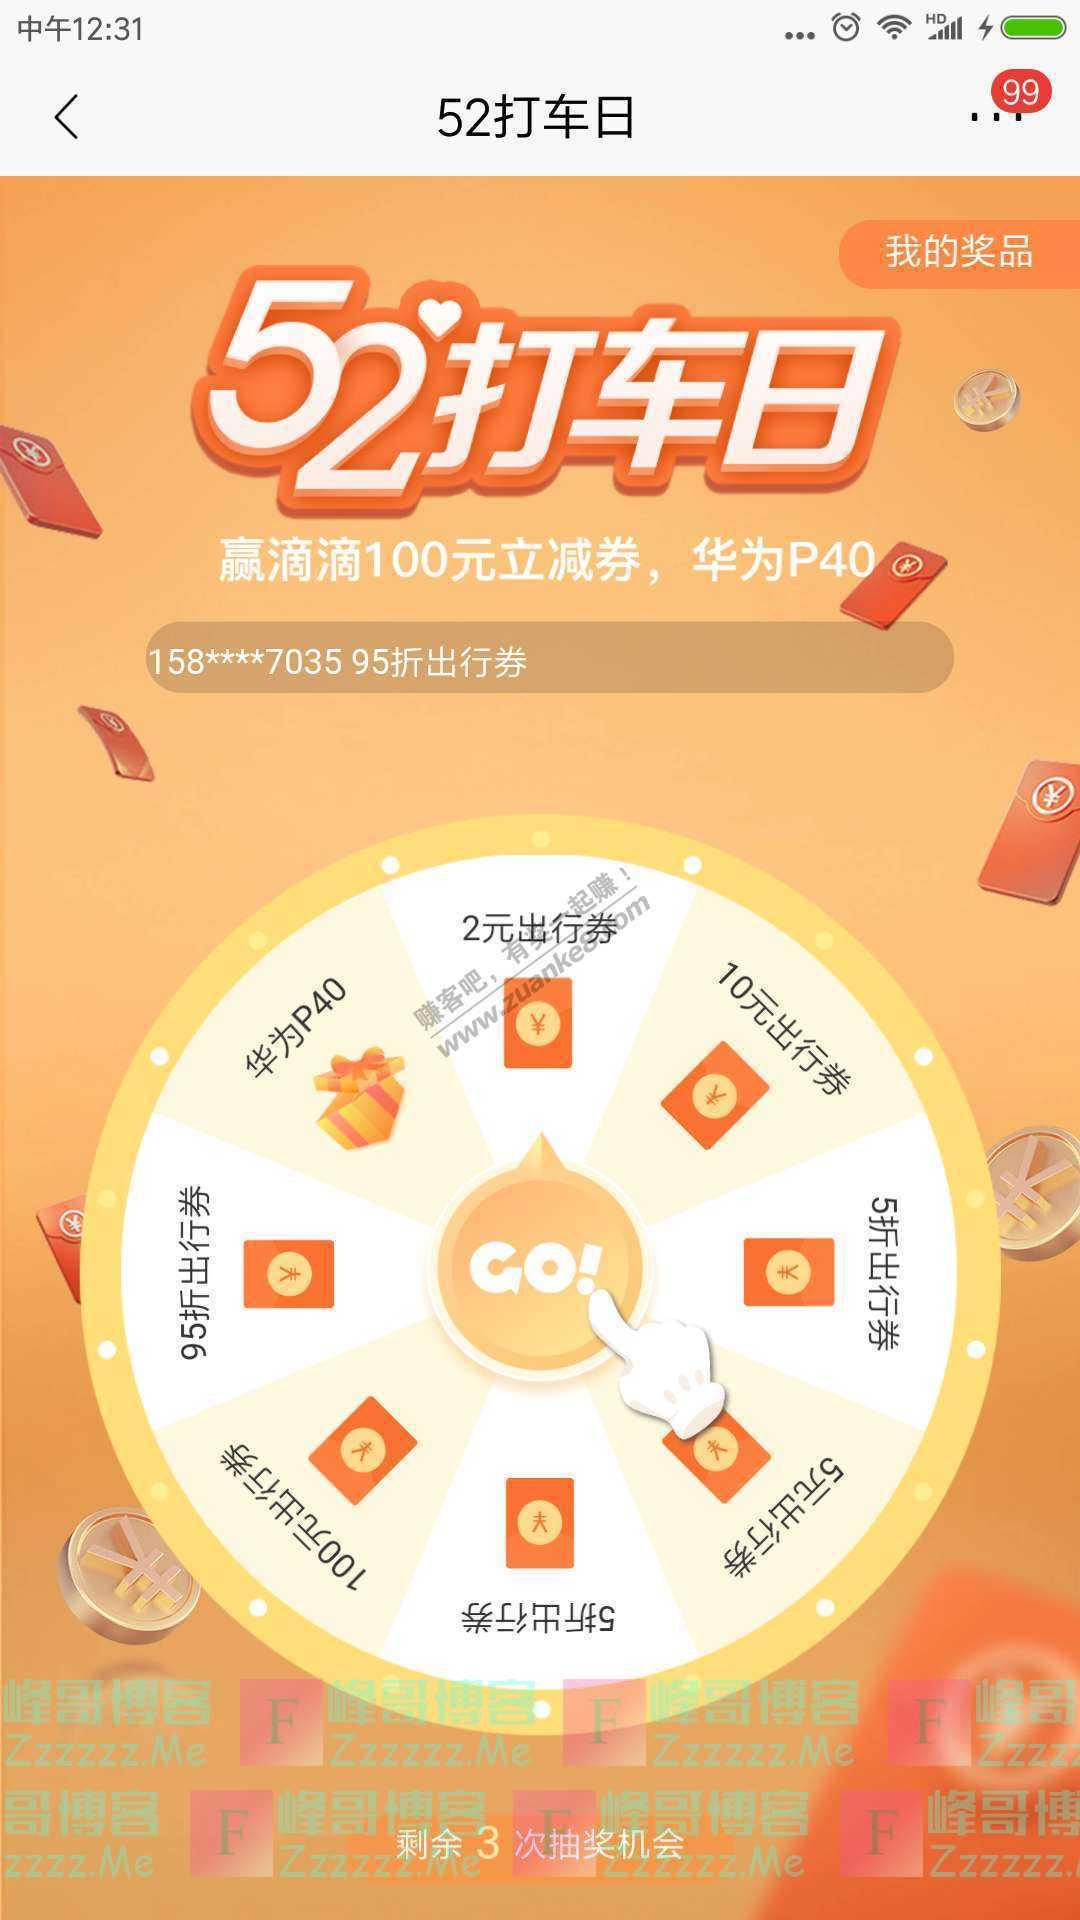 招商银行app52打车日赢滴滴100元立减券华为P40(截止10月31日)